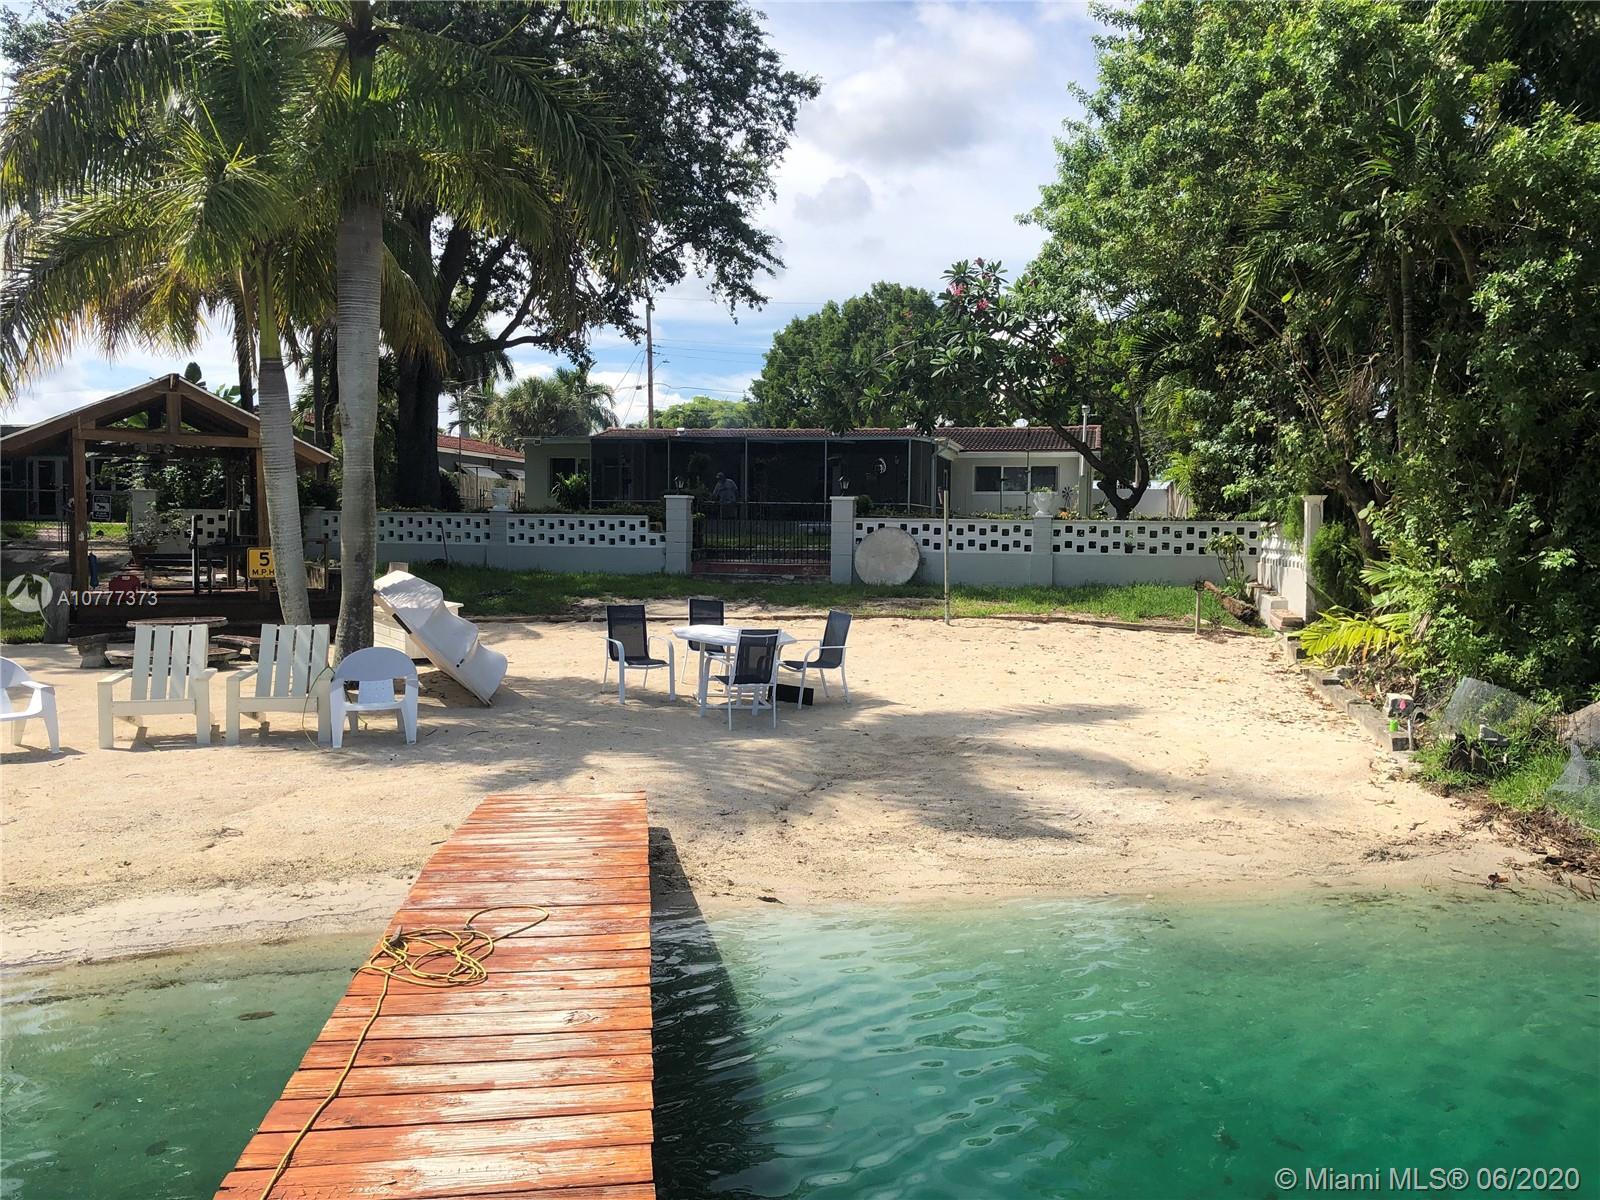 9330 SW 48th St, Miami, FL 33165 - Miami, FL real estate listing